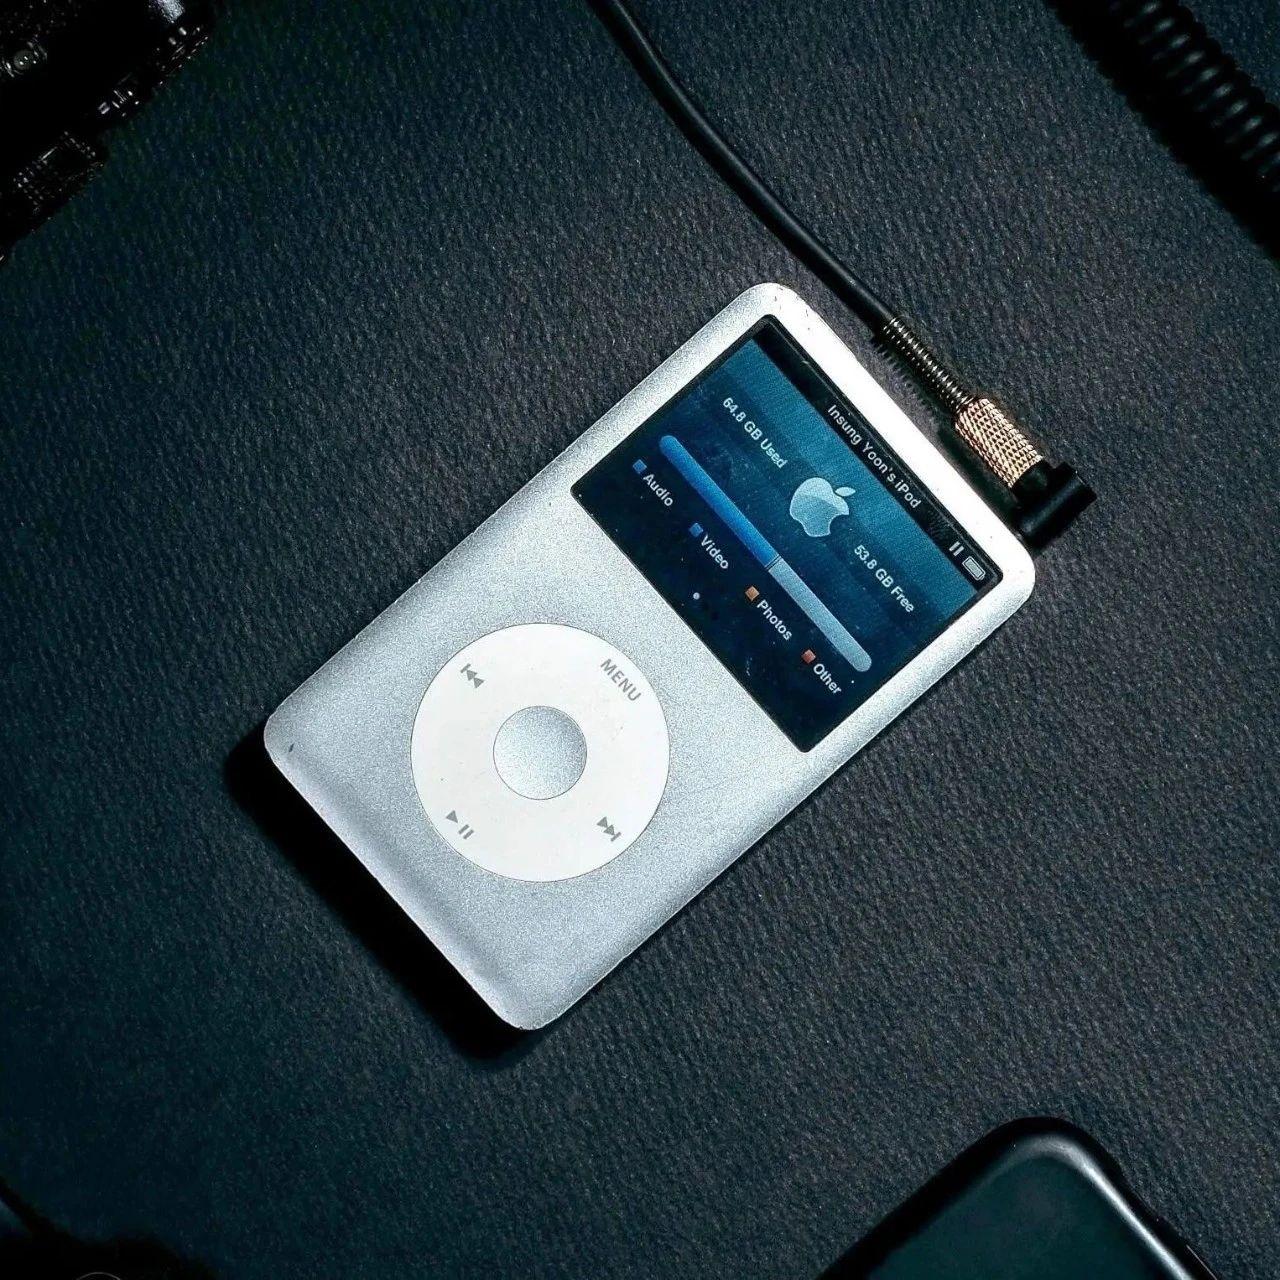 都2020年了,为什么他们还在用 iPod 听歌?